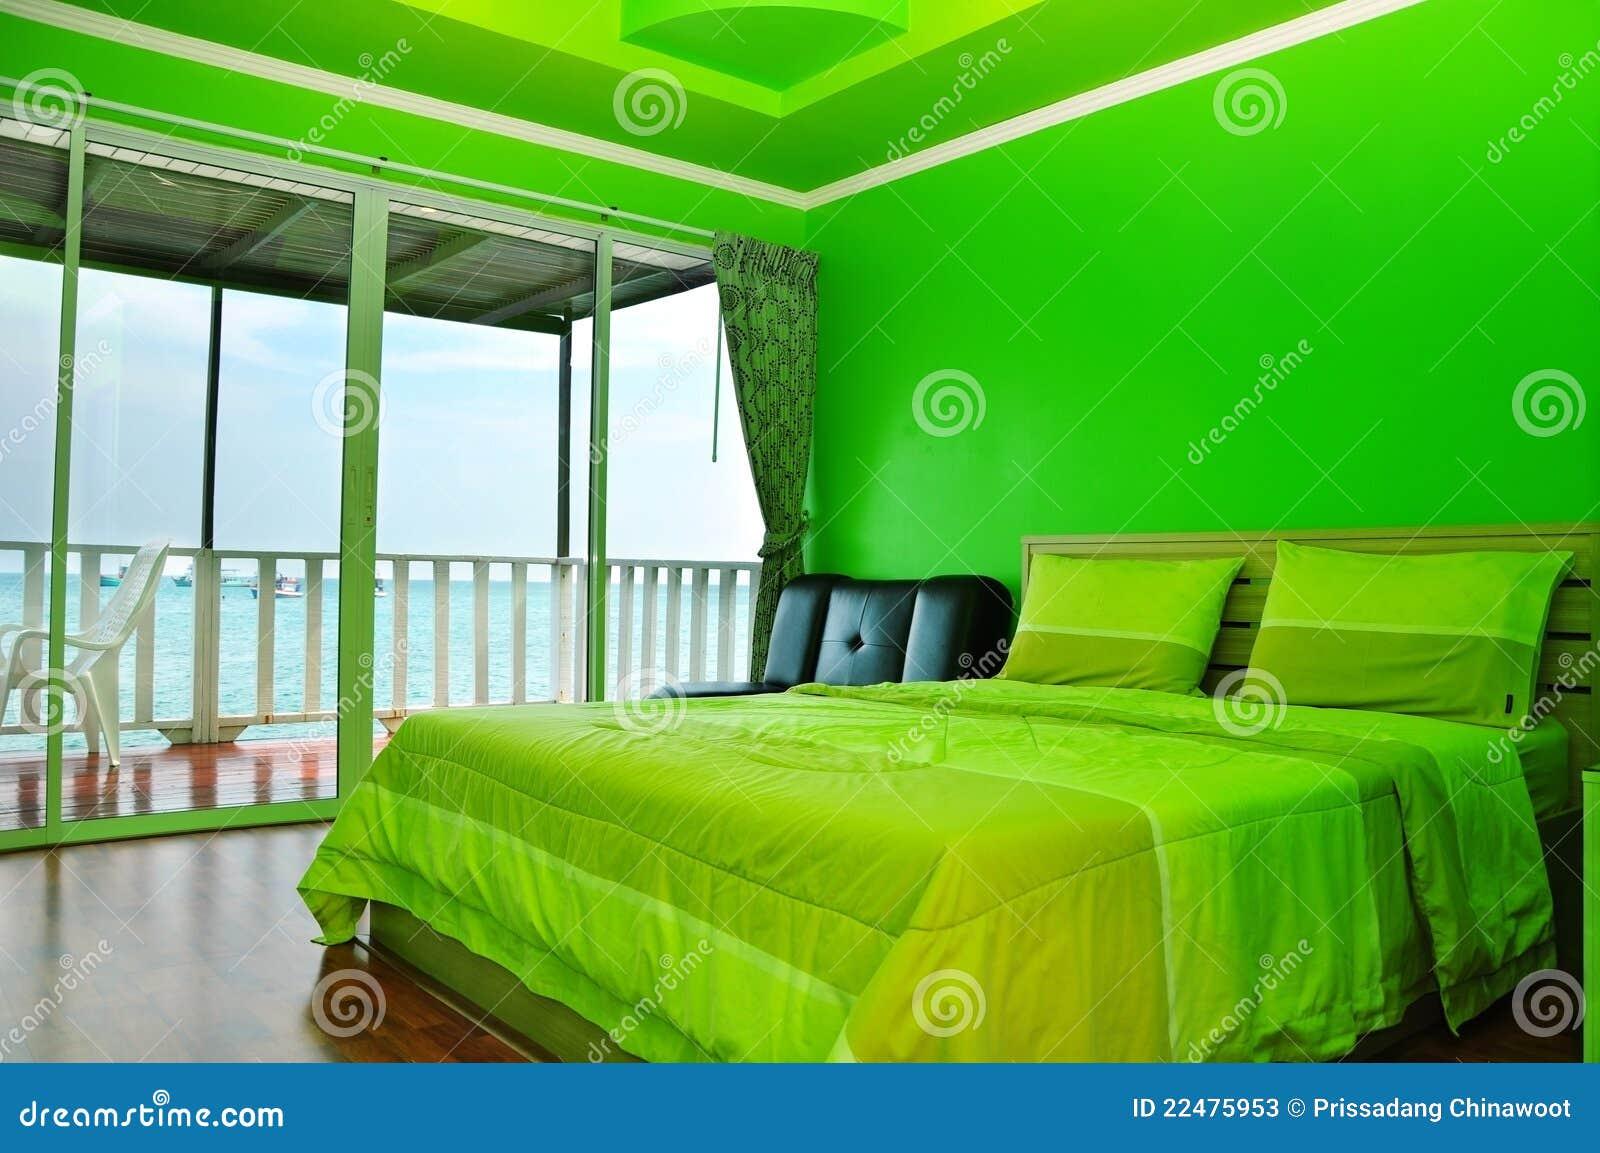 Grünes Schlafzimmer stockbild. Bild von bett, garnish - 22475953